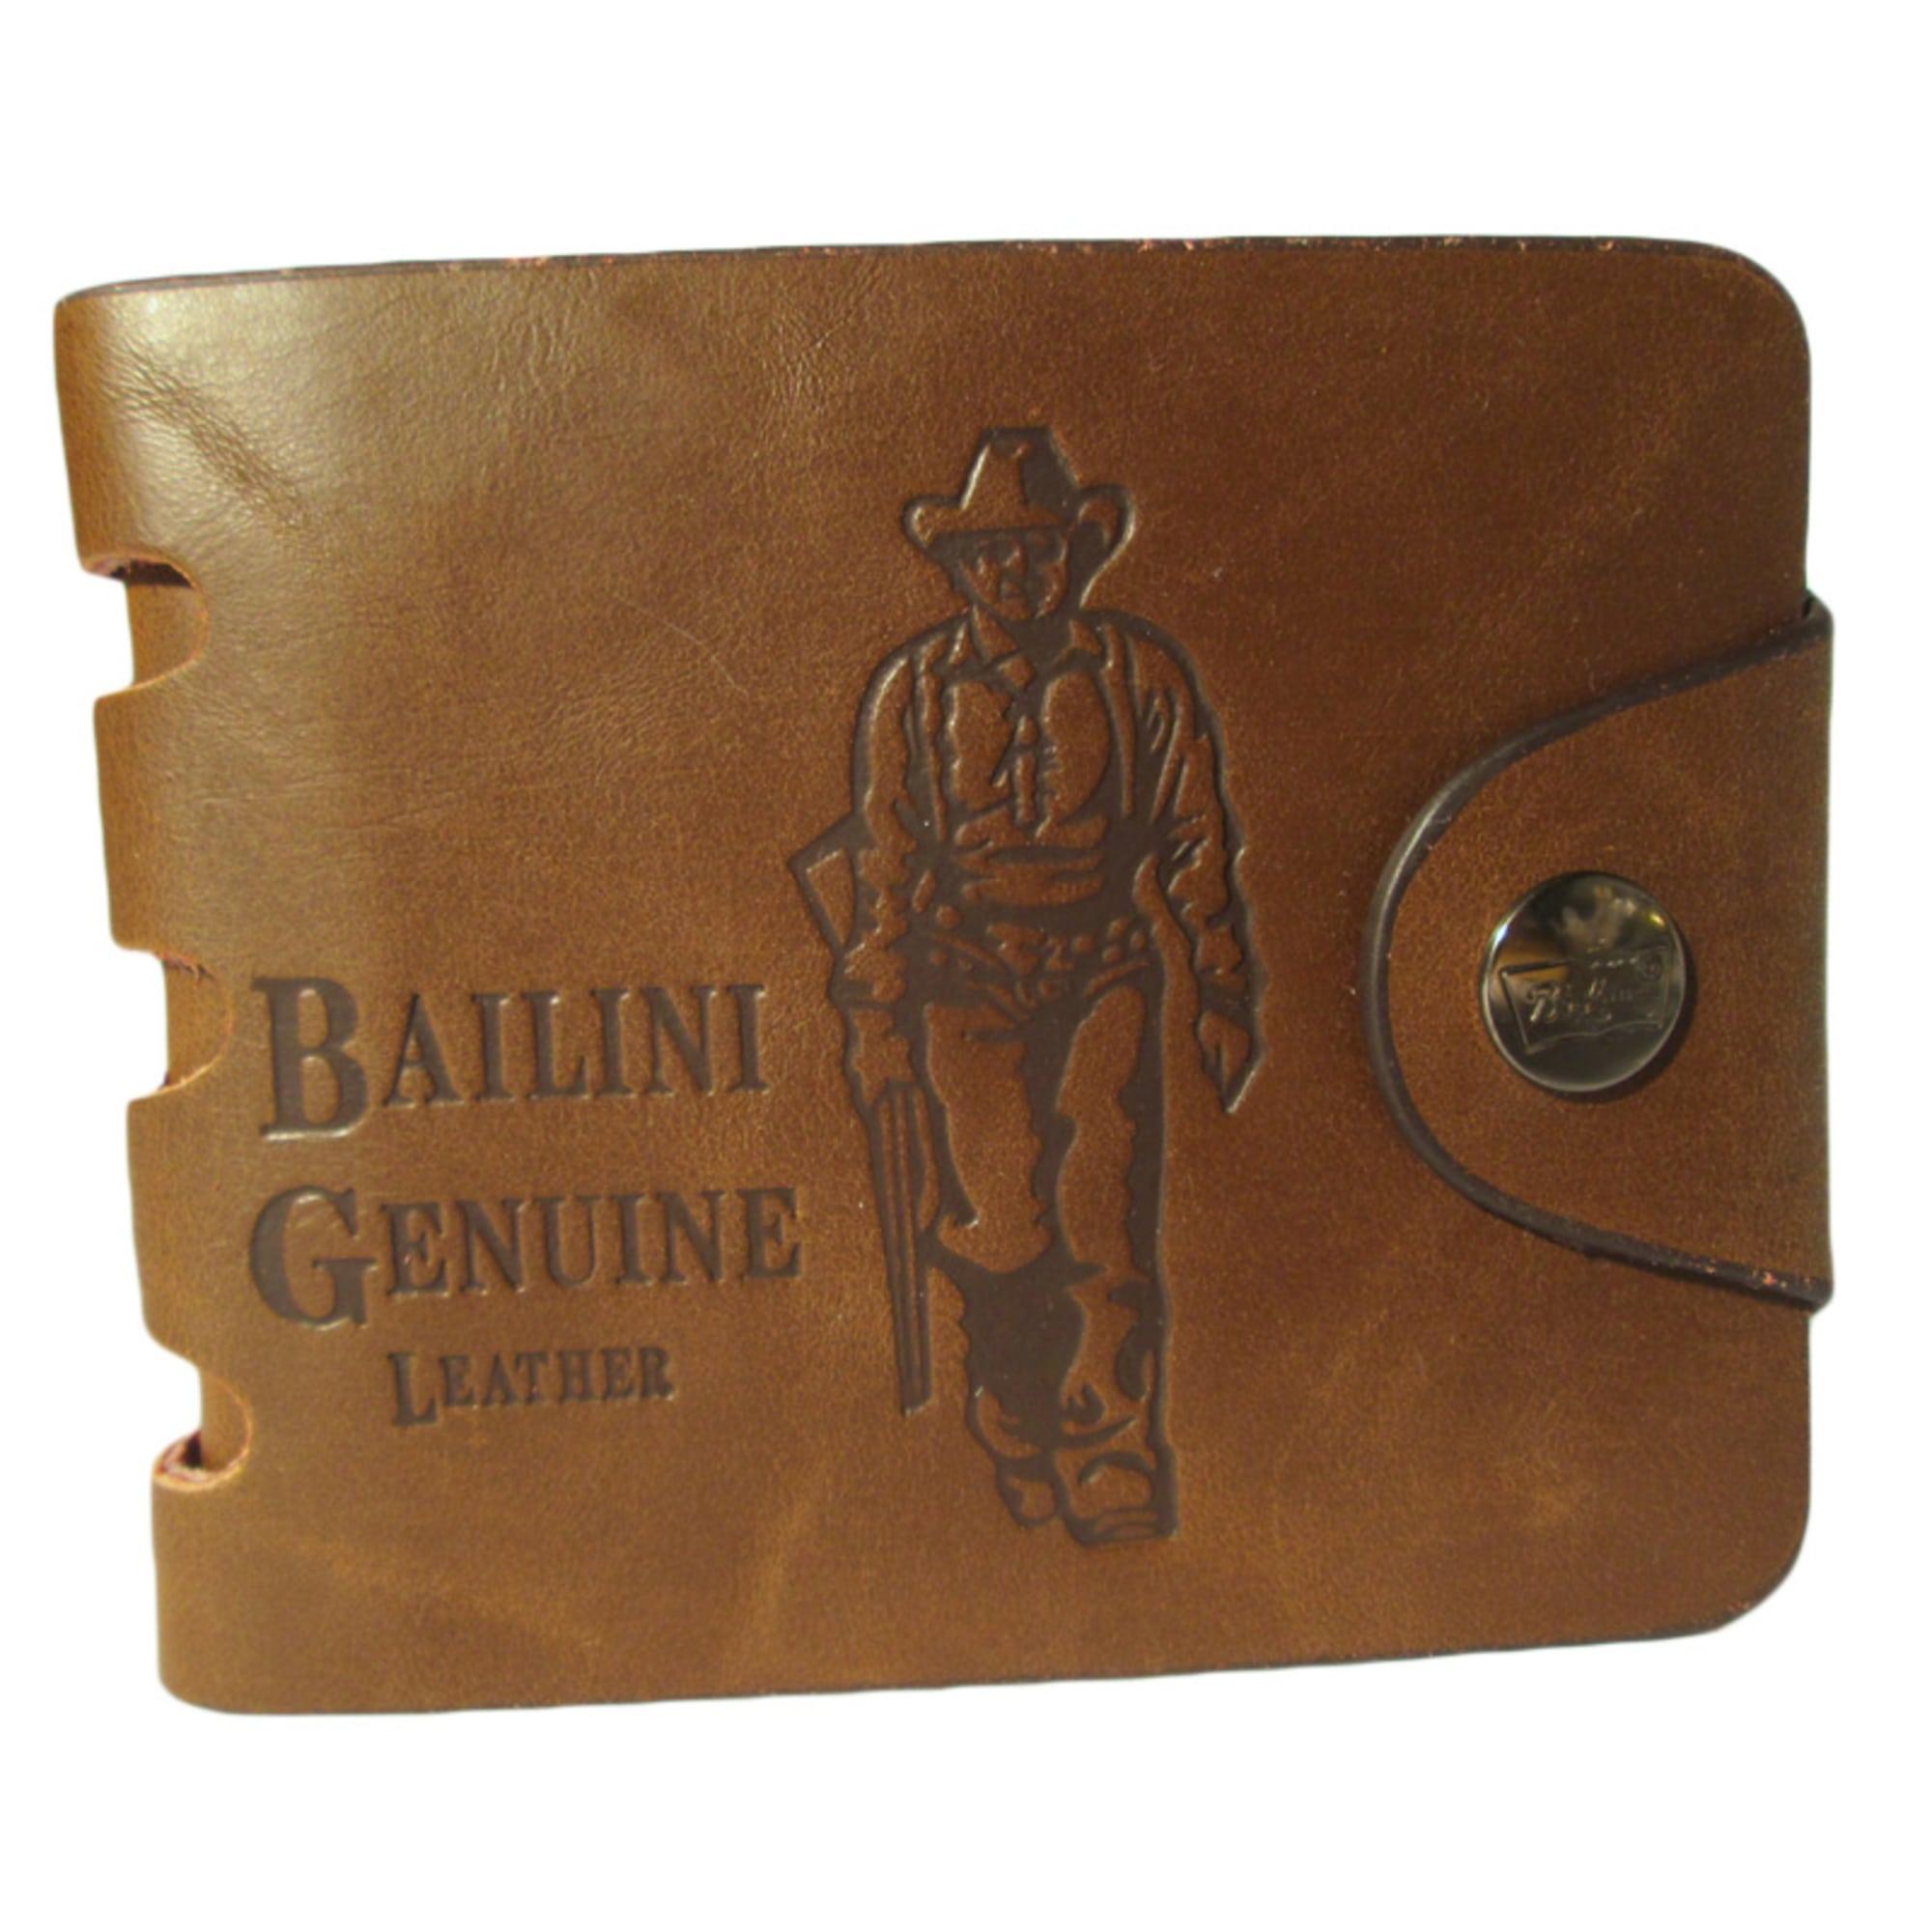 Portefeuille BAILINI marron vendu par Helena 8278720 - 1554254 402ee4669c3